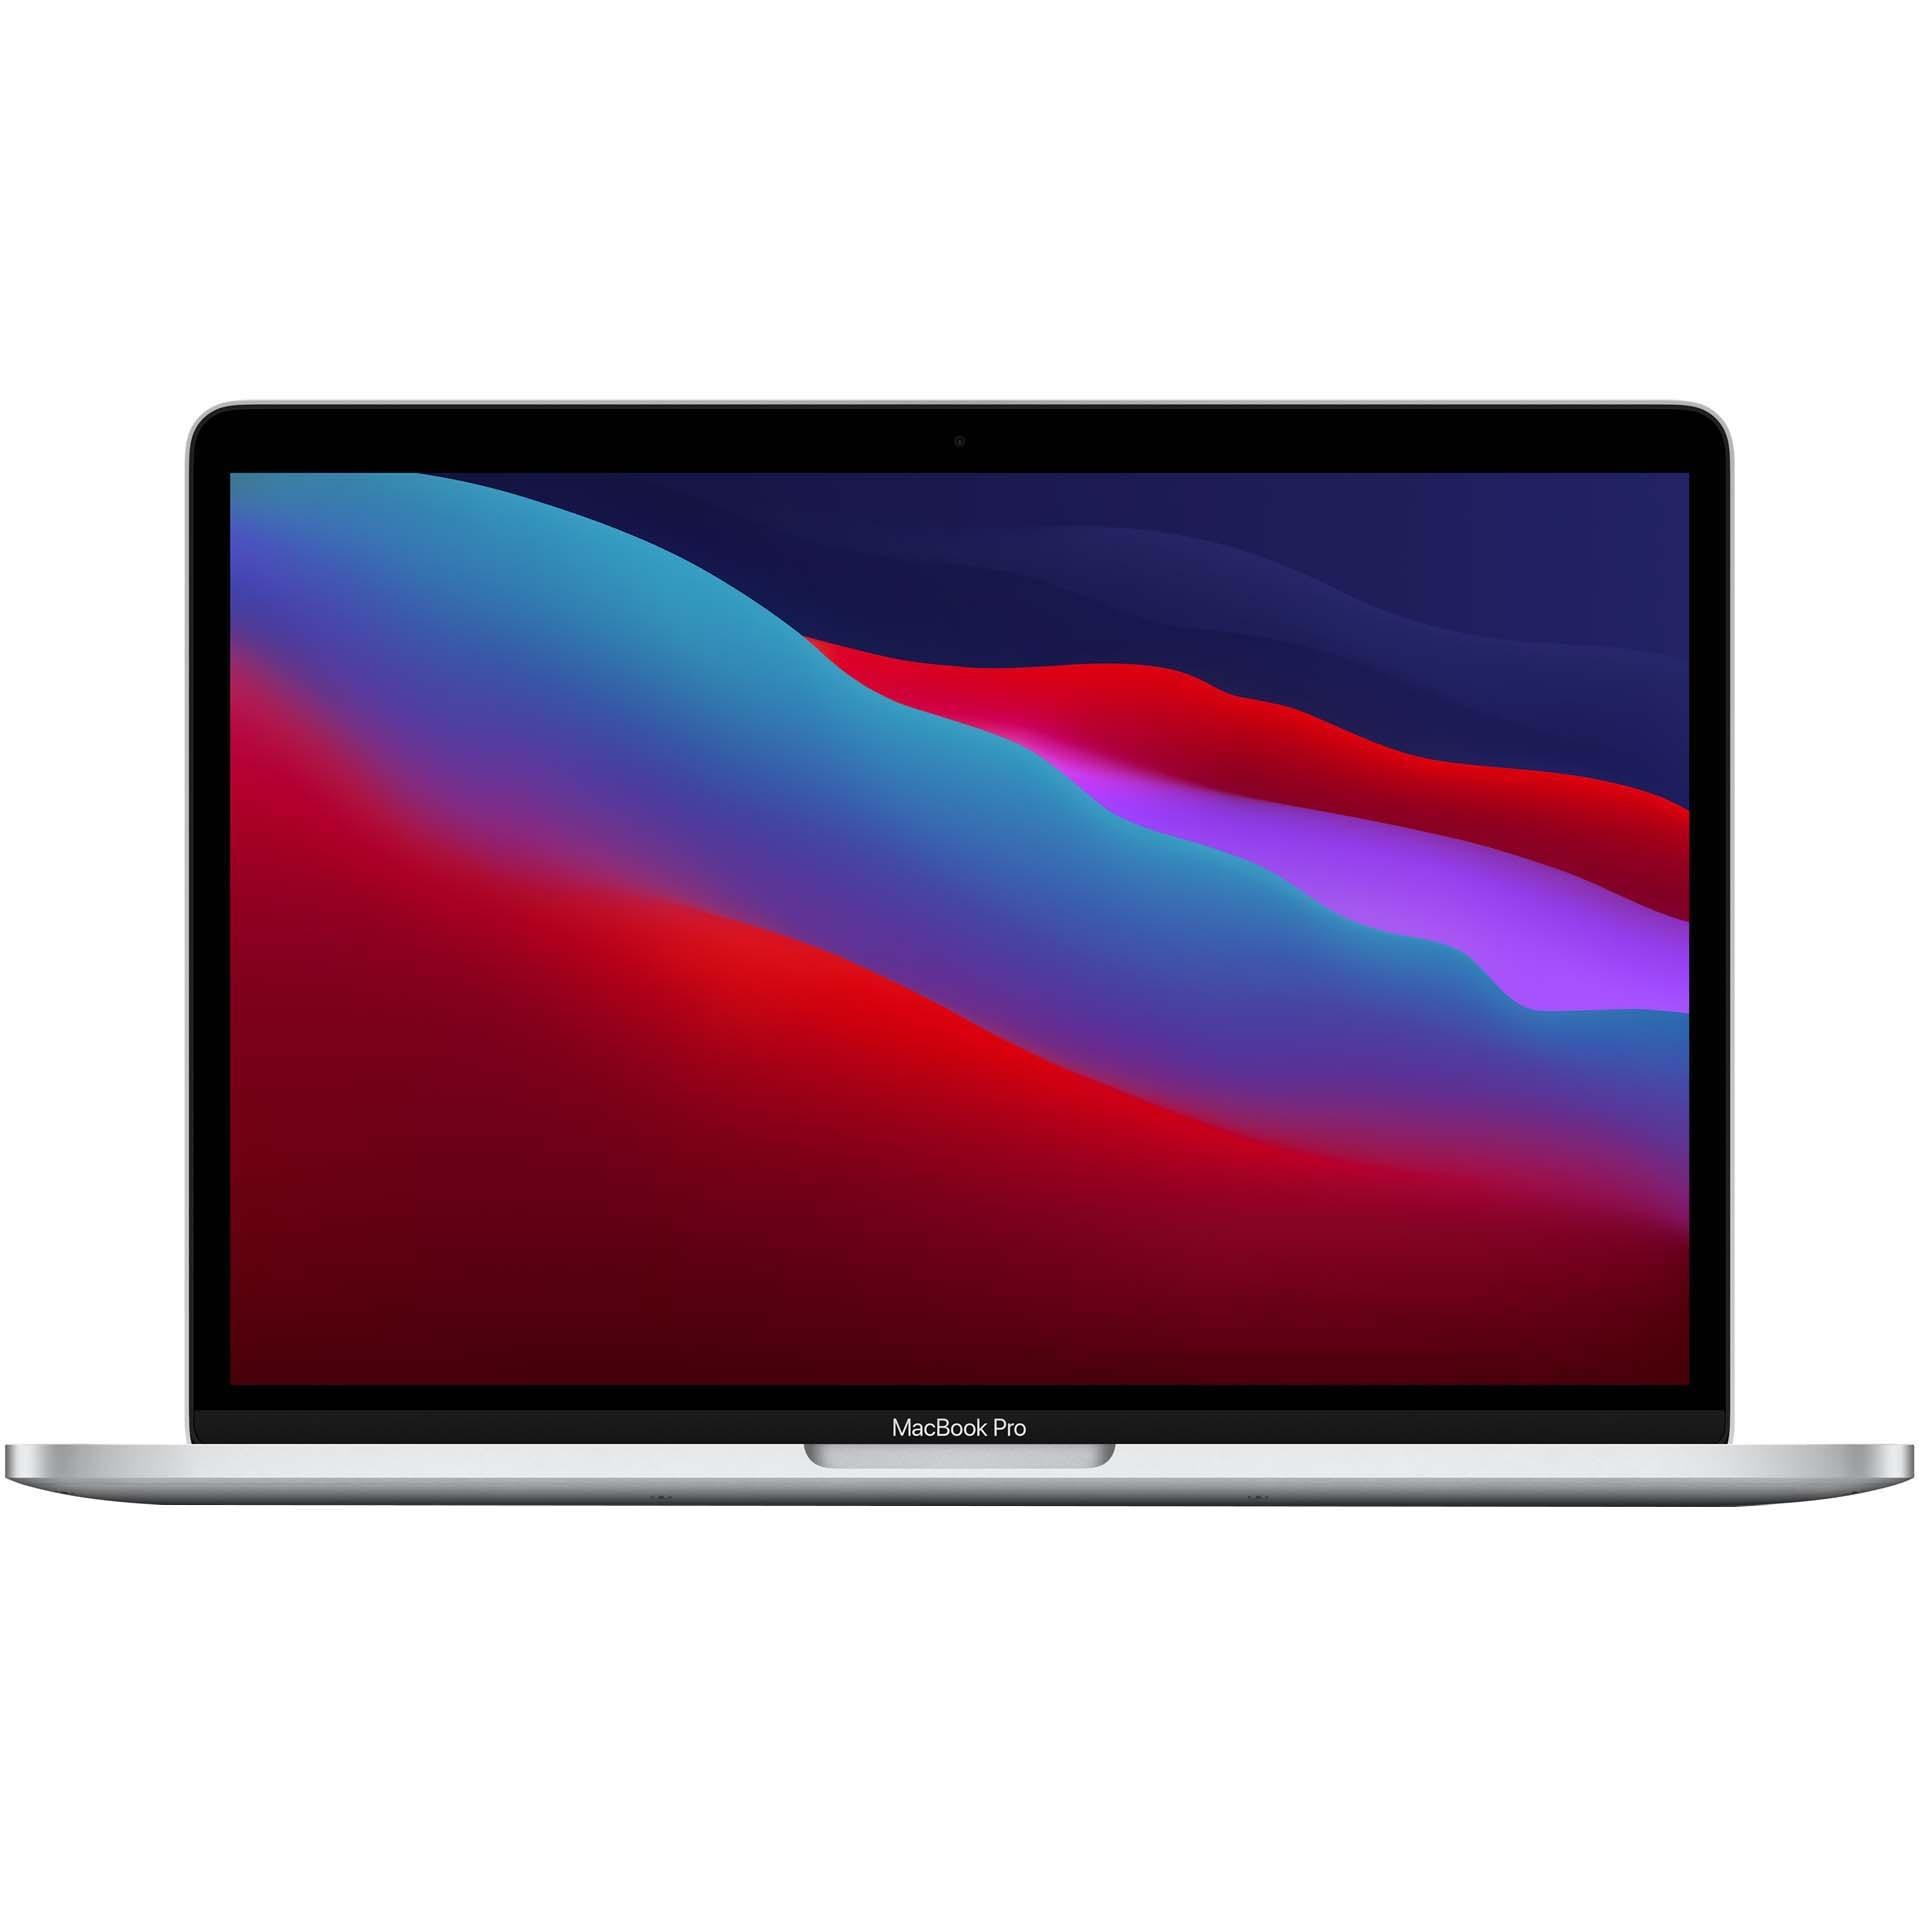 Fotografie Laptop Apple MacBook Pro 13-inch, True Tone, procesor Apple M1, 8 nuclee CPU si 8 nuclee GPU, 8GB, 512GB SSD, Silver, ROM KB